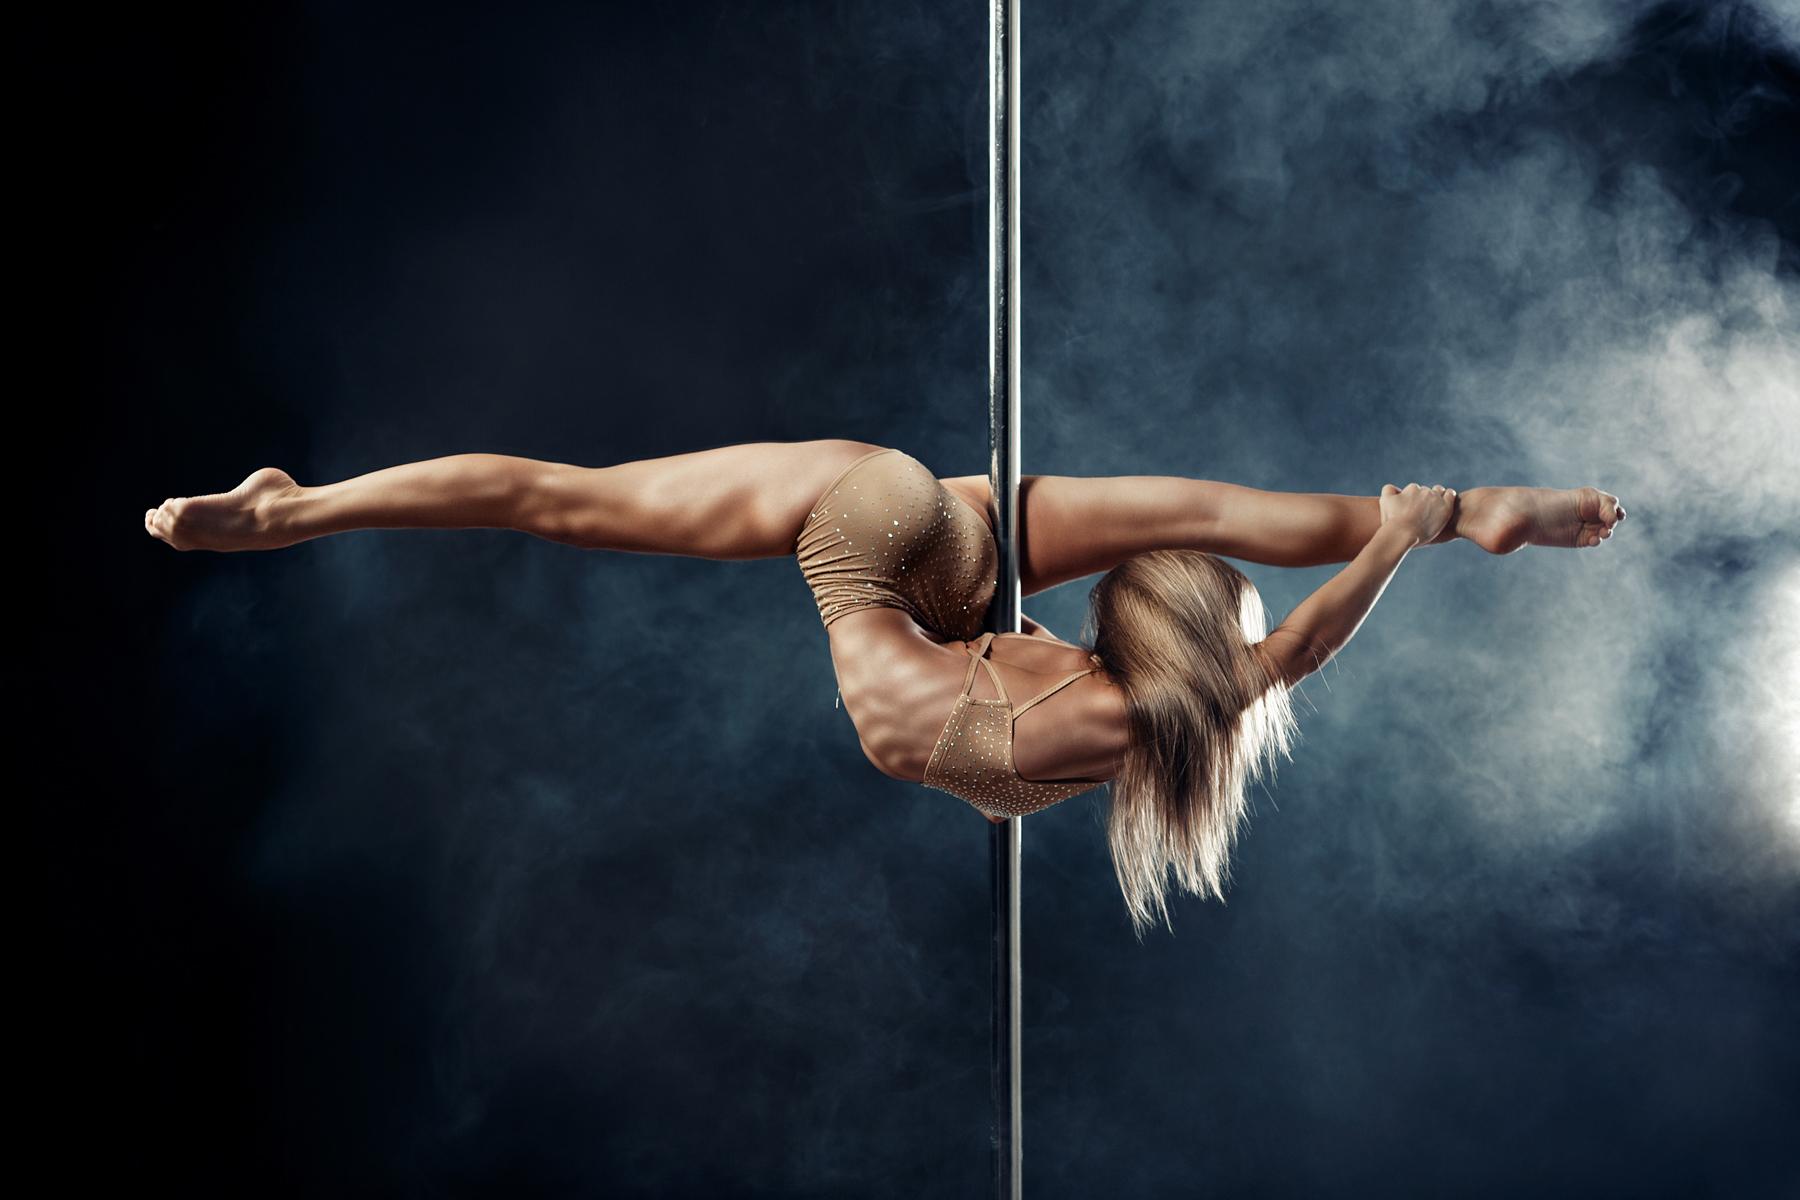 Смотреть онлайн танец стриптиз 16 фотография